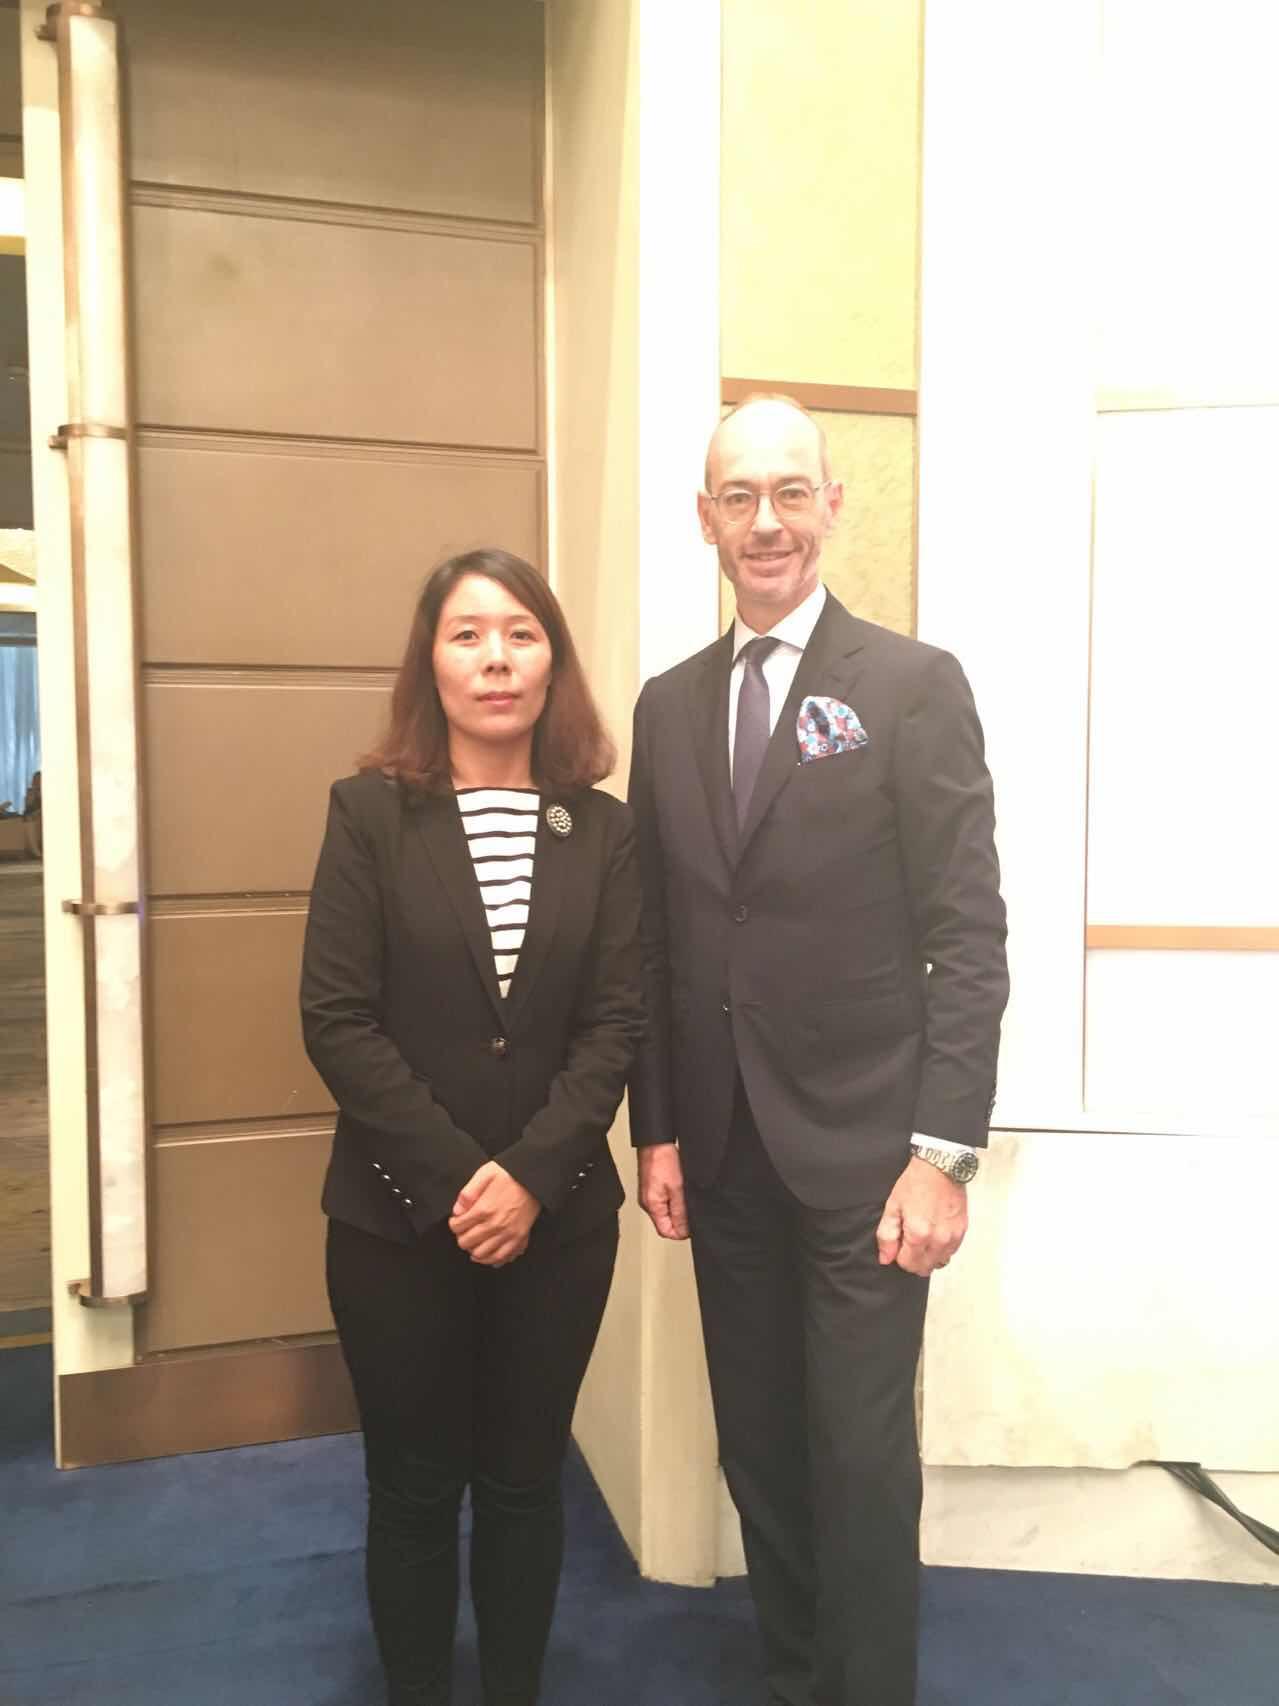 卢森堡驻华大使俞博生阁下与组委会秘书长崔江红女士